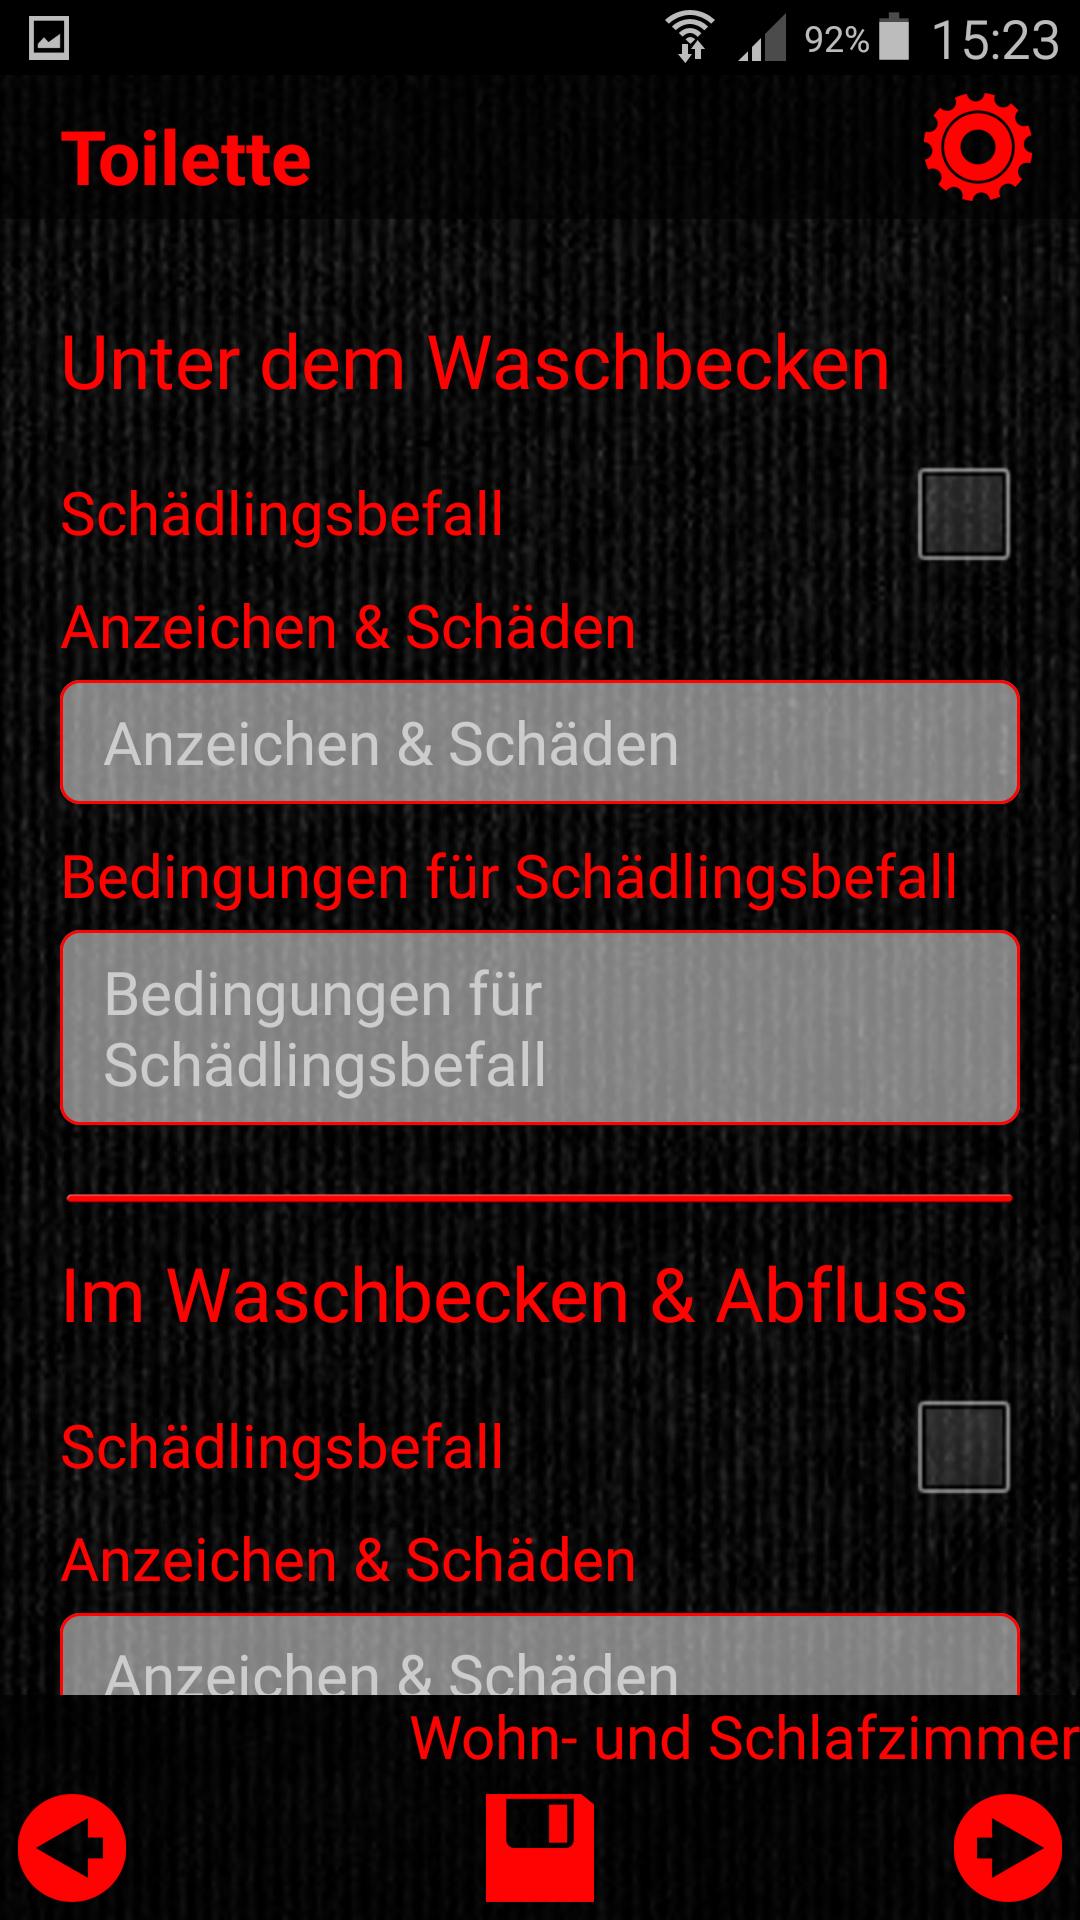 ginstr_app_pestControlInspectionReport_DE_3